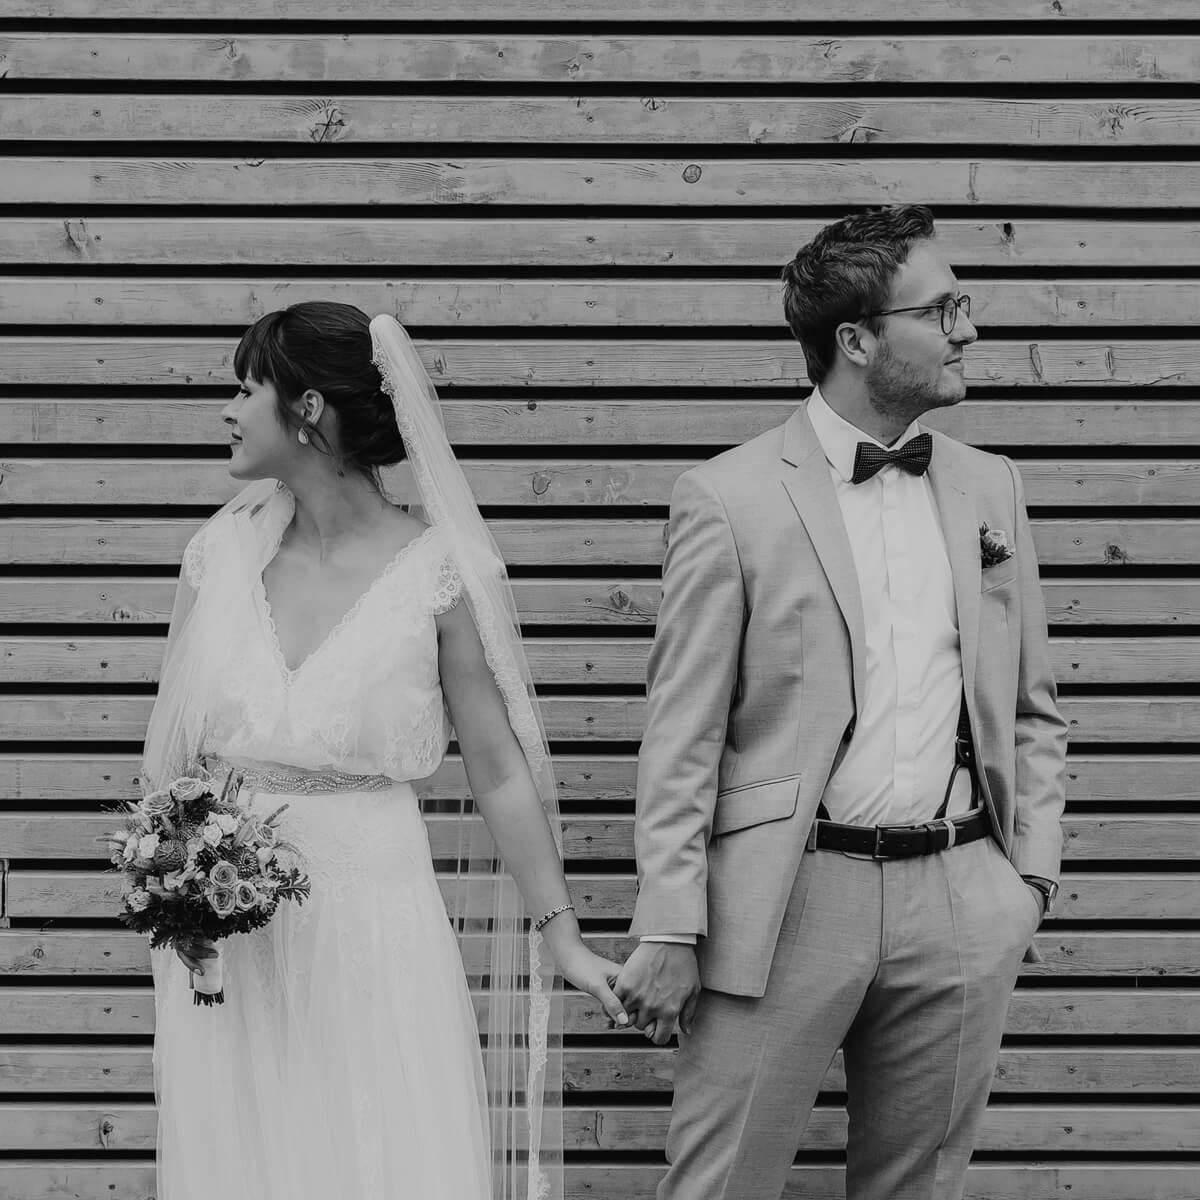 Brautpaar_vor_Holzwand_SW